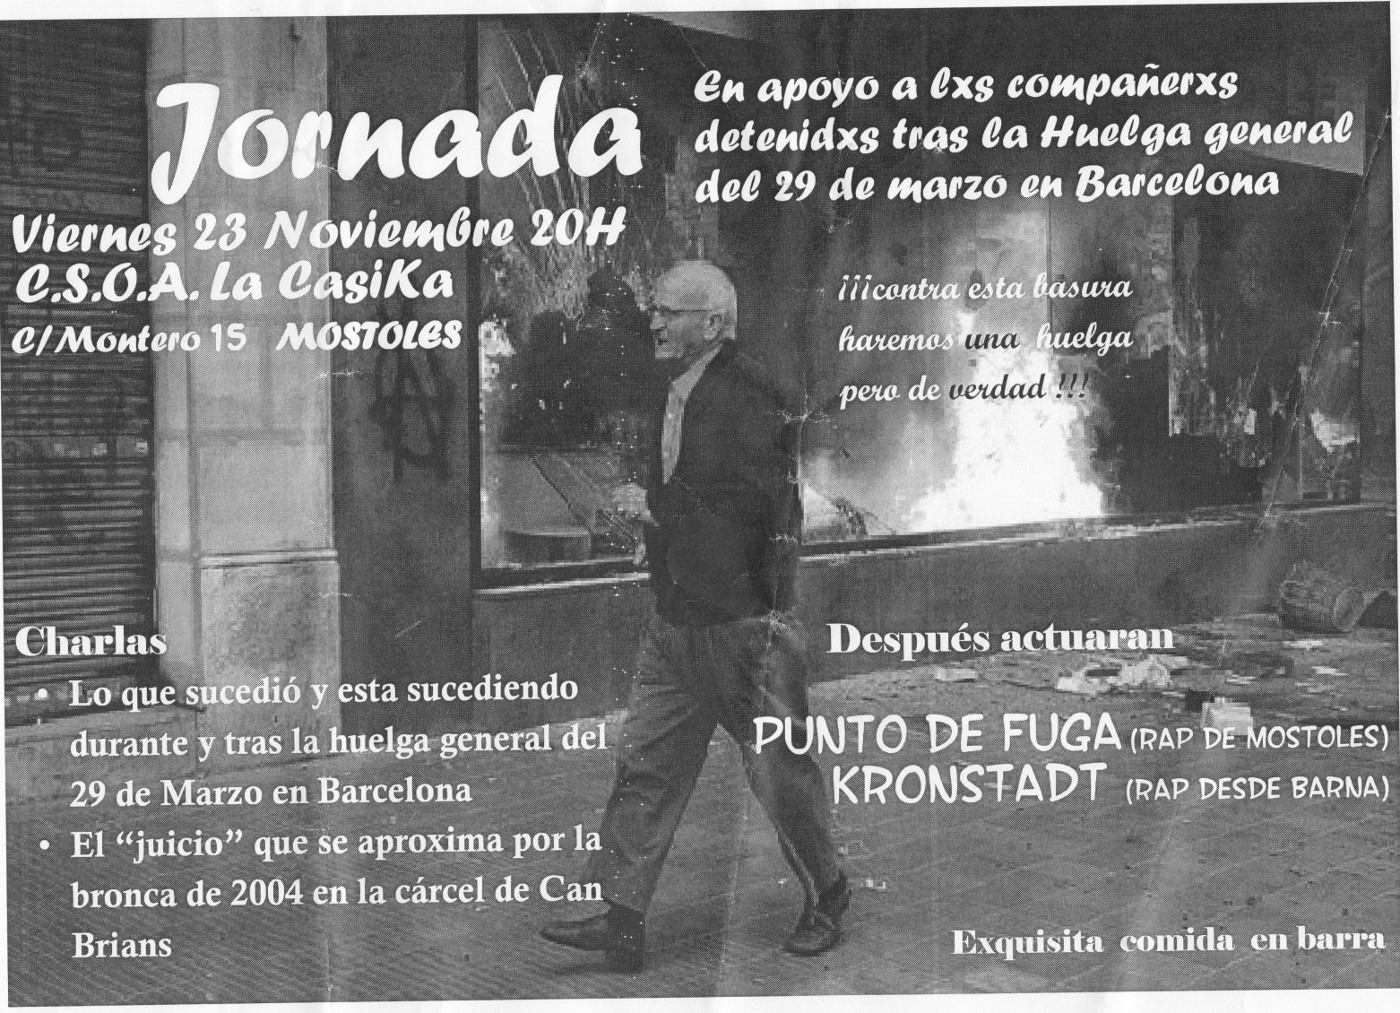 Jornada Charlas + Rap contra las detenciones 29M en Barcelona - Viernes 23 noviembre 2012